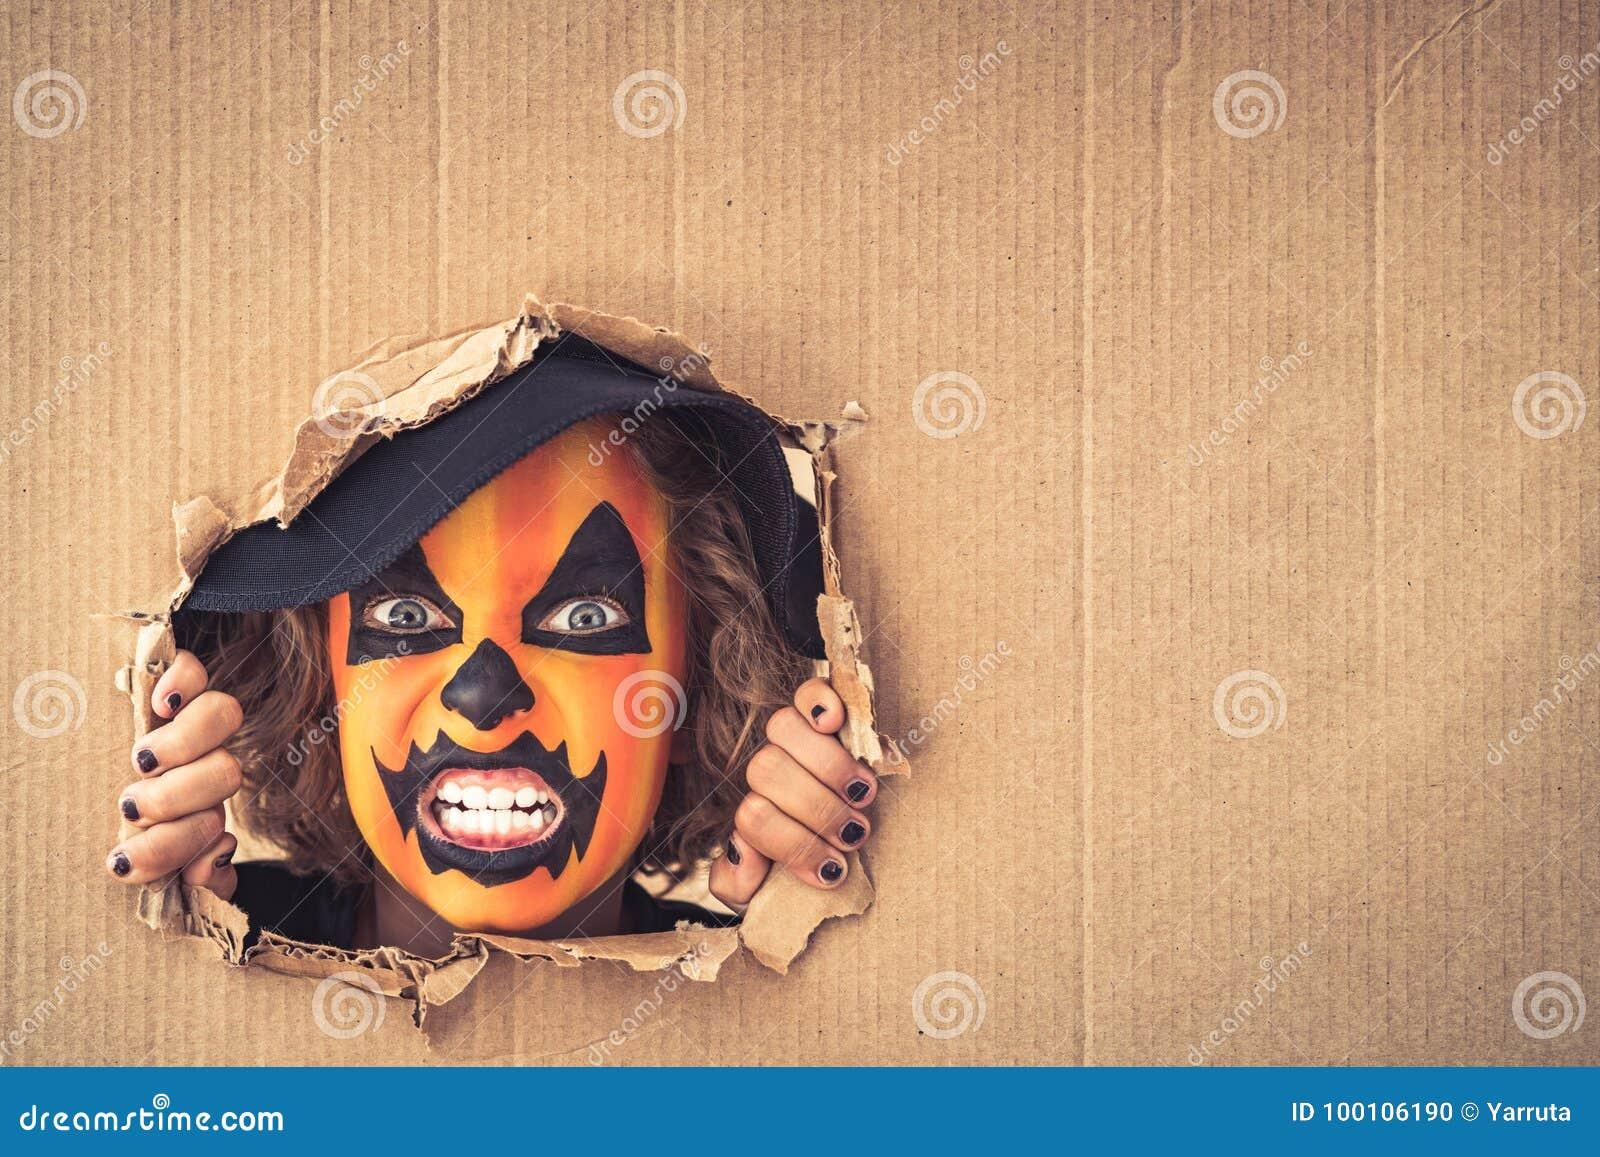 Calabaza Autumn Holiday Concept de Halloween